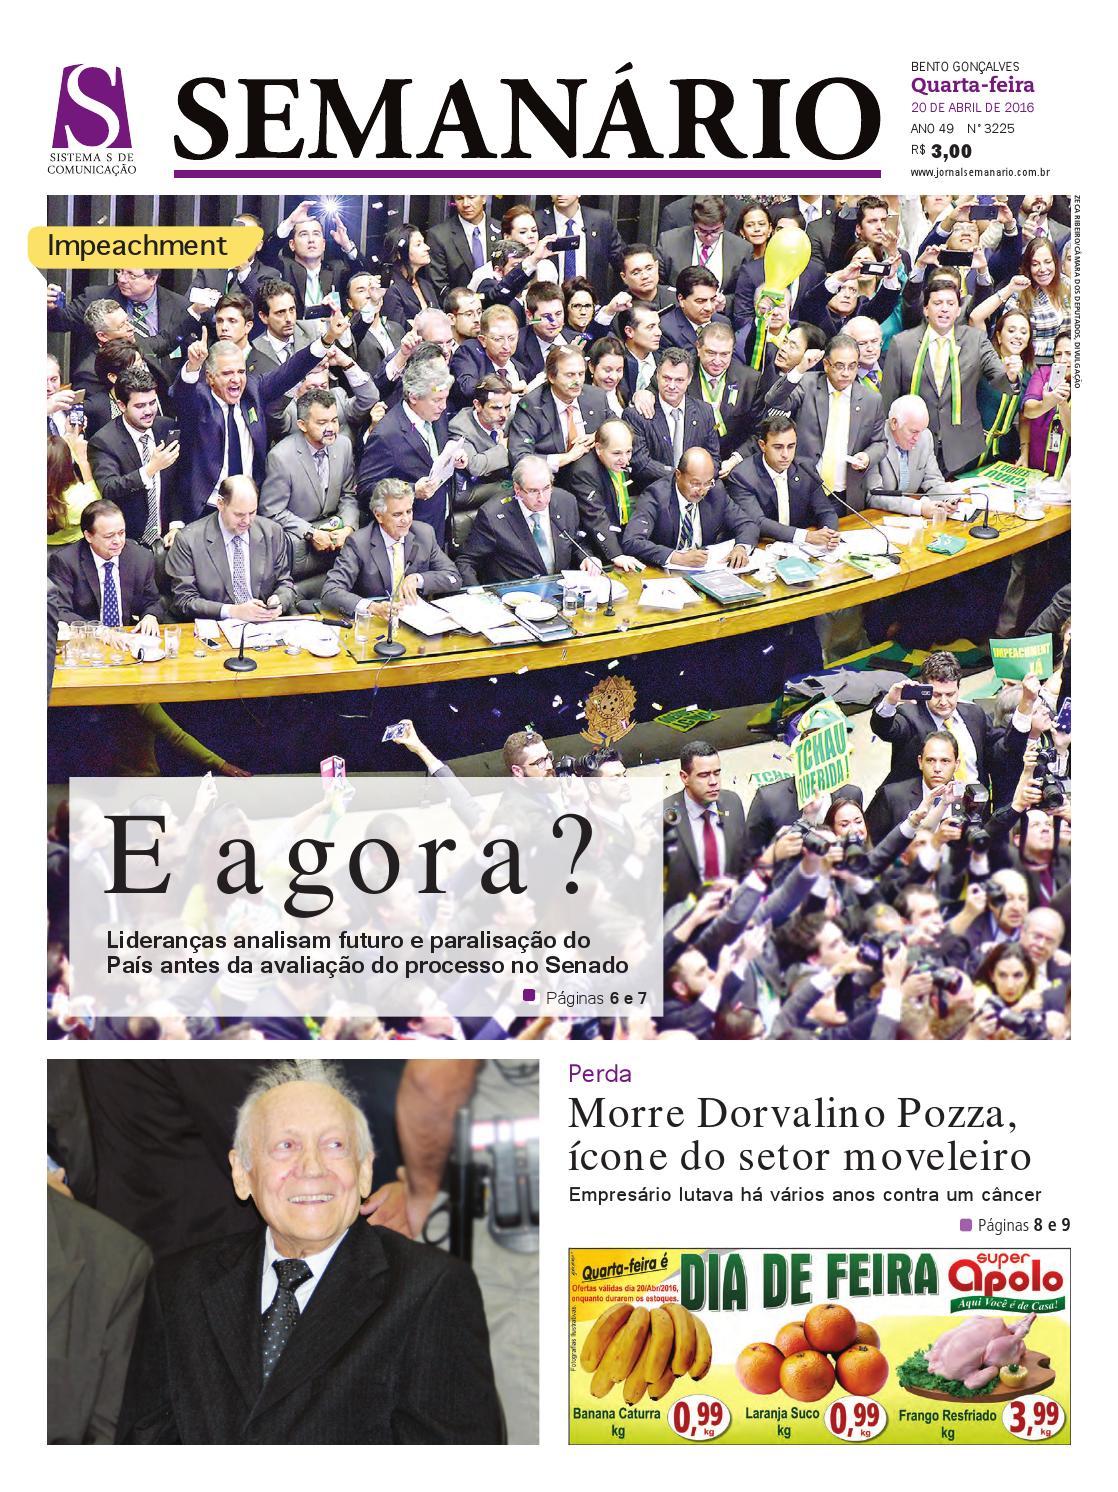 b4446be9c6889 20 04 2016 - Jornal Semanário - Edição 3.225 by Jornal Semanário - Bento  Gonçalves - RS - issuu